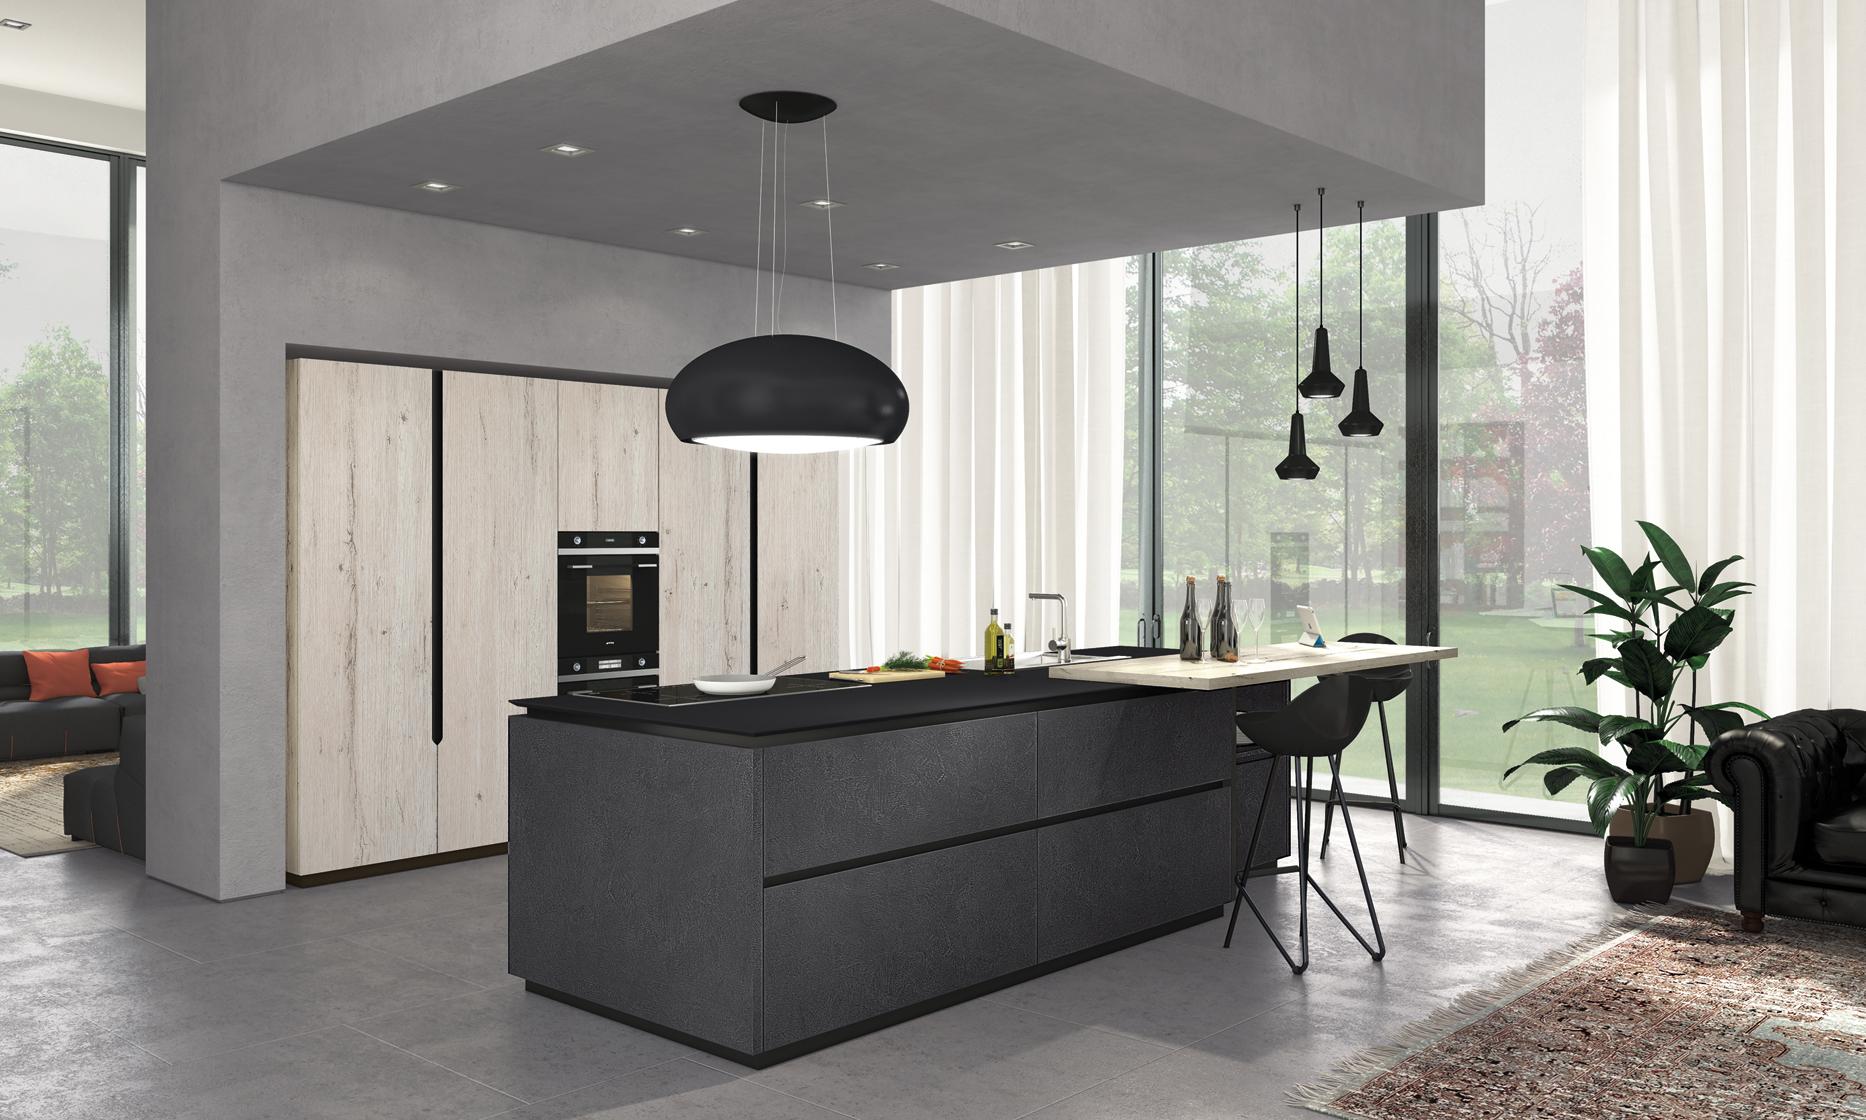 Piani cucina: fra innovazione, salute e design - Cucine Lube